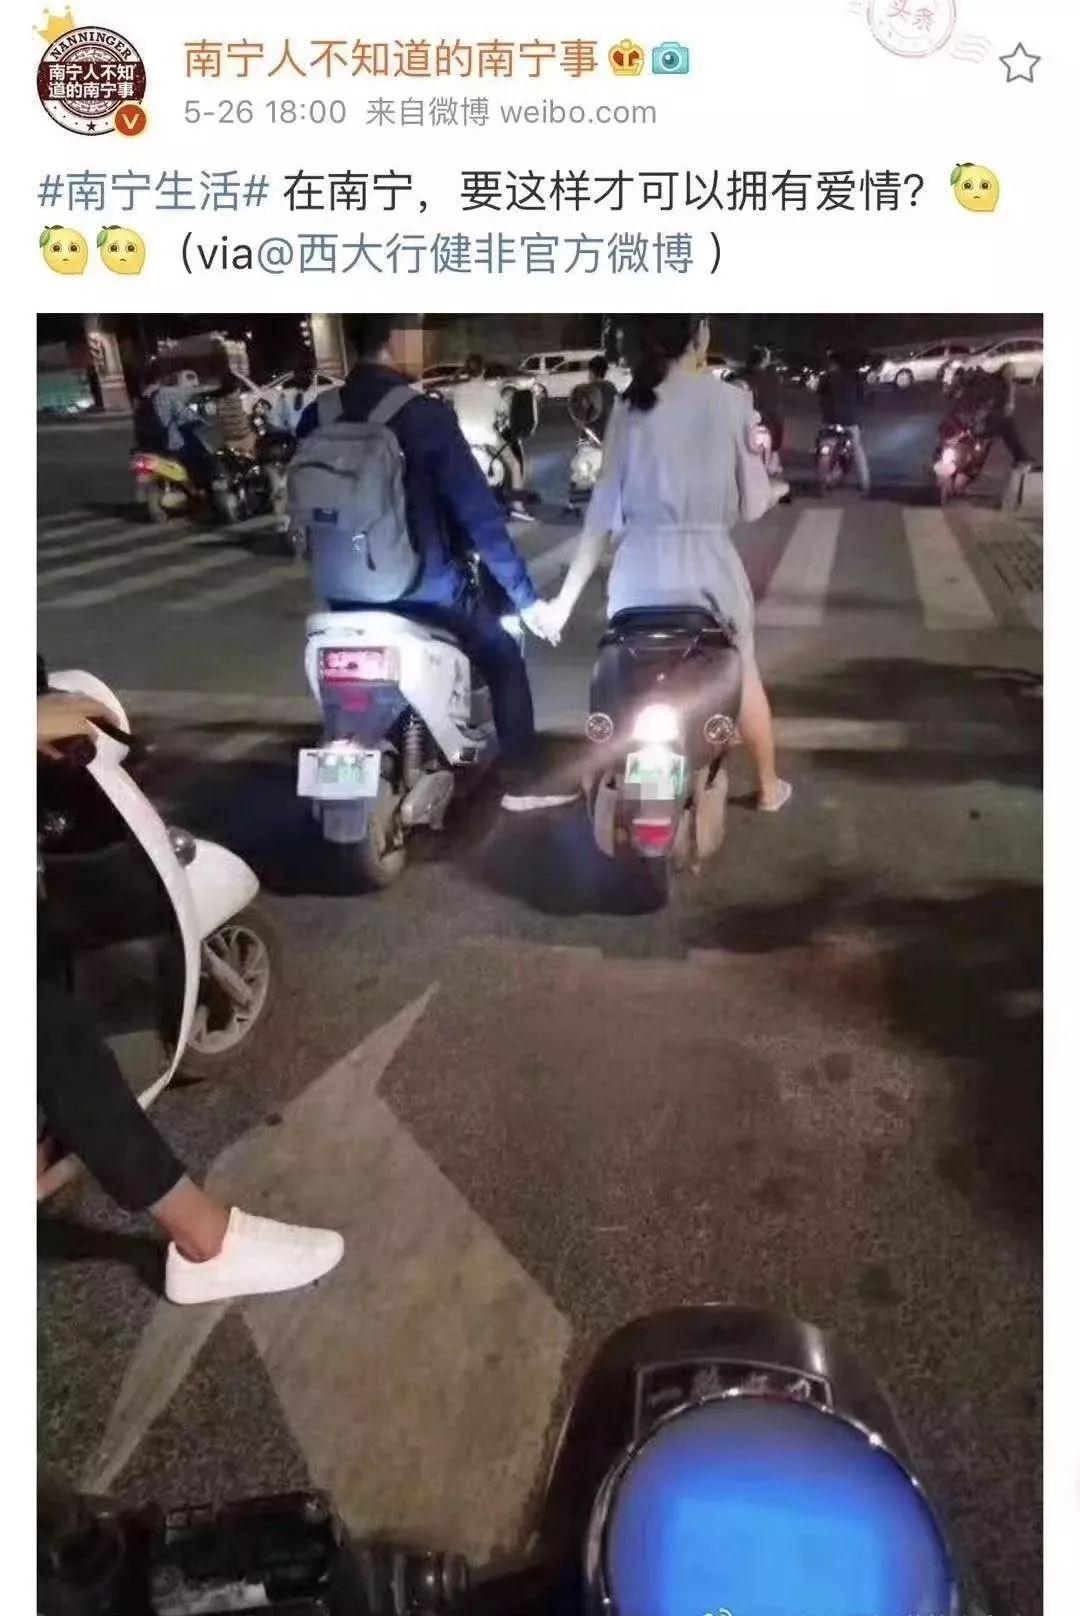 老公不能搭老婆?电动车载人怎么罚?交警最新回应!